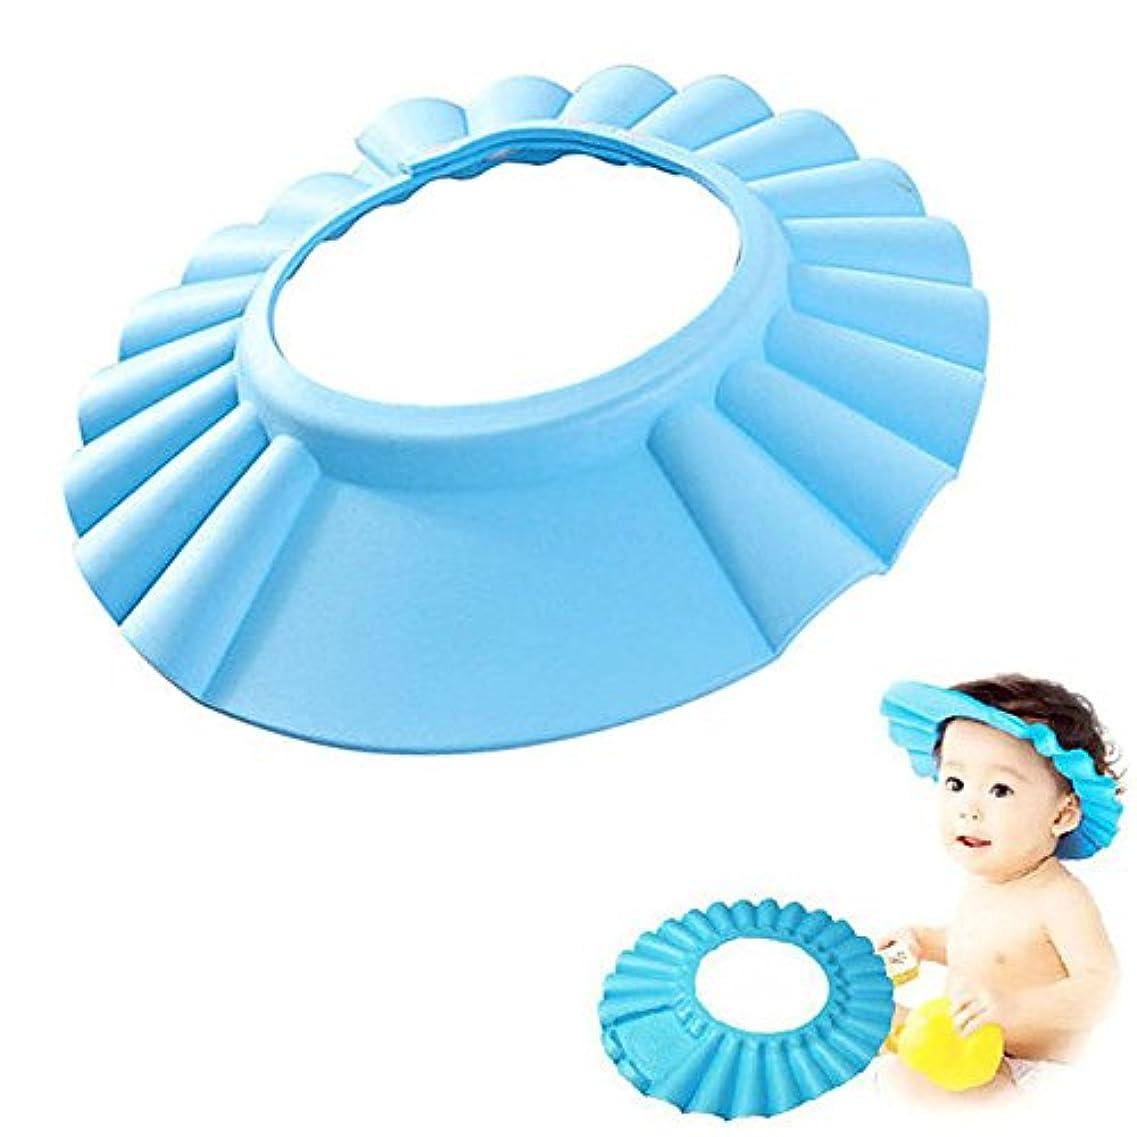 立法彼らは郵便局シャンプーハット 子供 洗髪用帽子 お風呂 防水帽 水漏れない樹脂 サイズ調節 (ブルー)